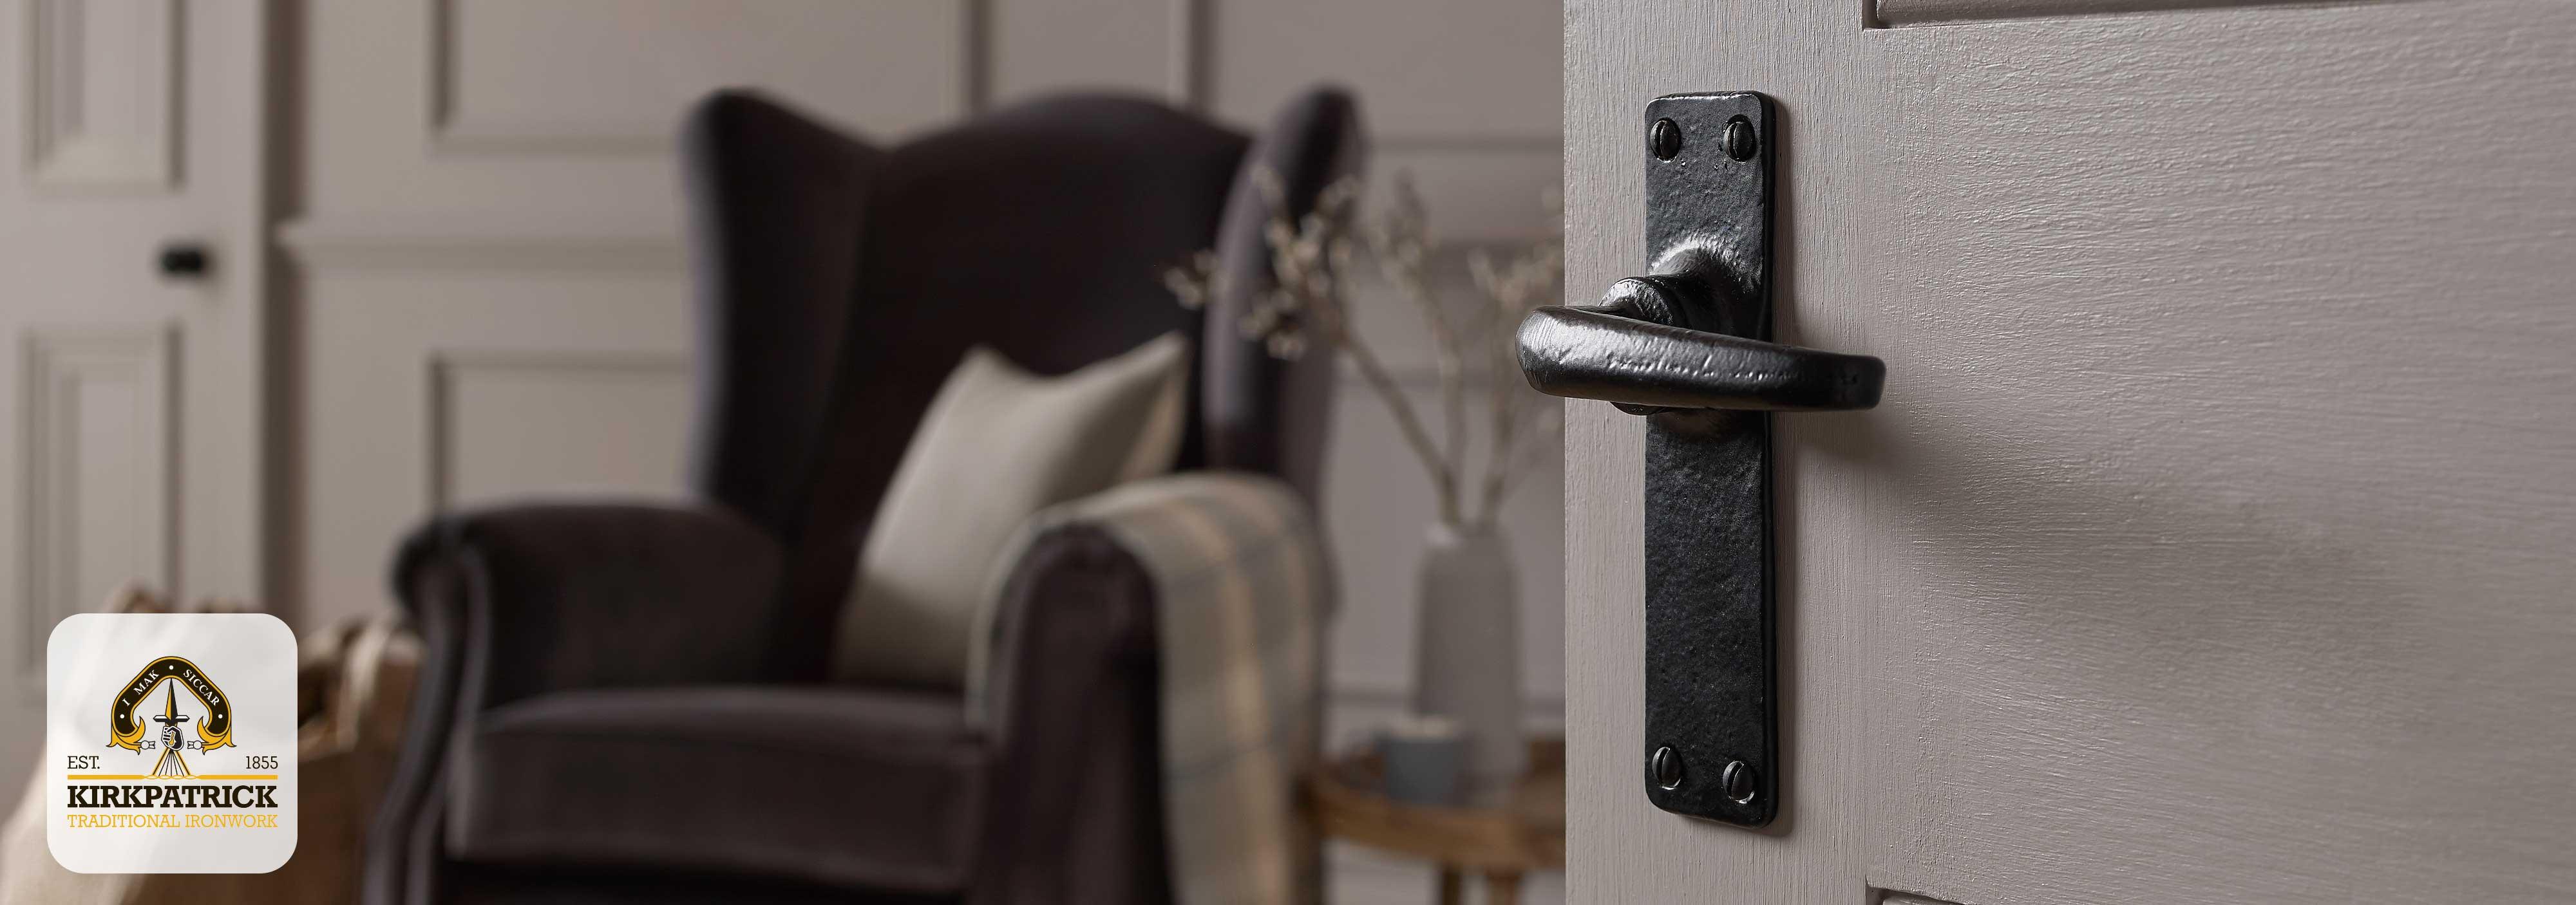 Sfeerafbeelding Kirkpatrick zwart smeedijzer deurkruk op schild